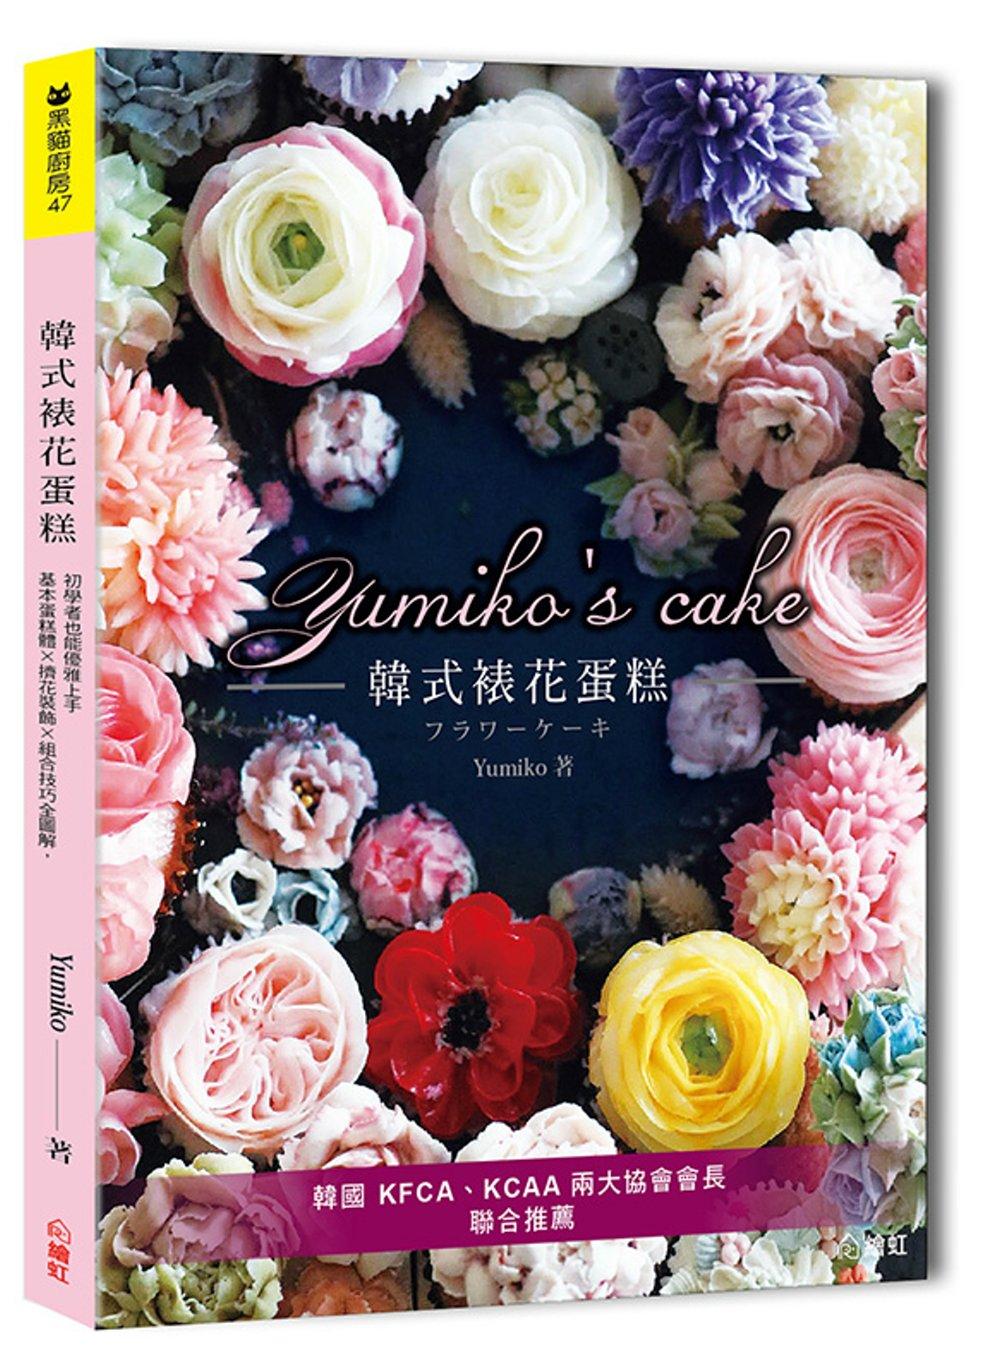 ◤博客來BOOKS◢ 暢銷書榜《推薦》Yumiko's Cake韓式裱花蛋糕:基本蛋糕體×擠花裝飾×組合技巧全圖解,初學者也能優雅上手